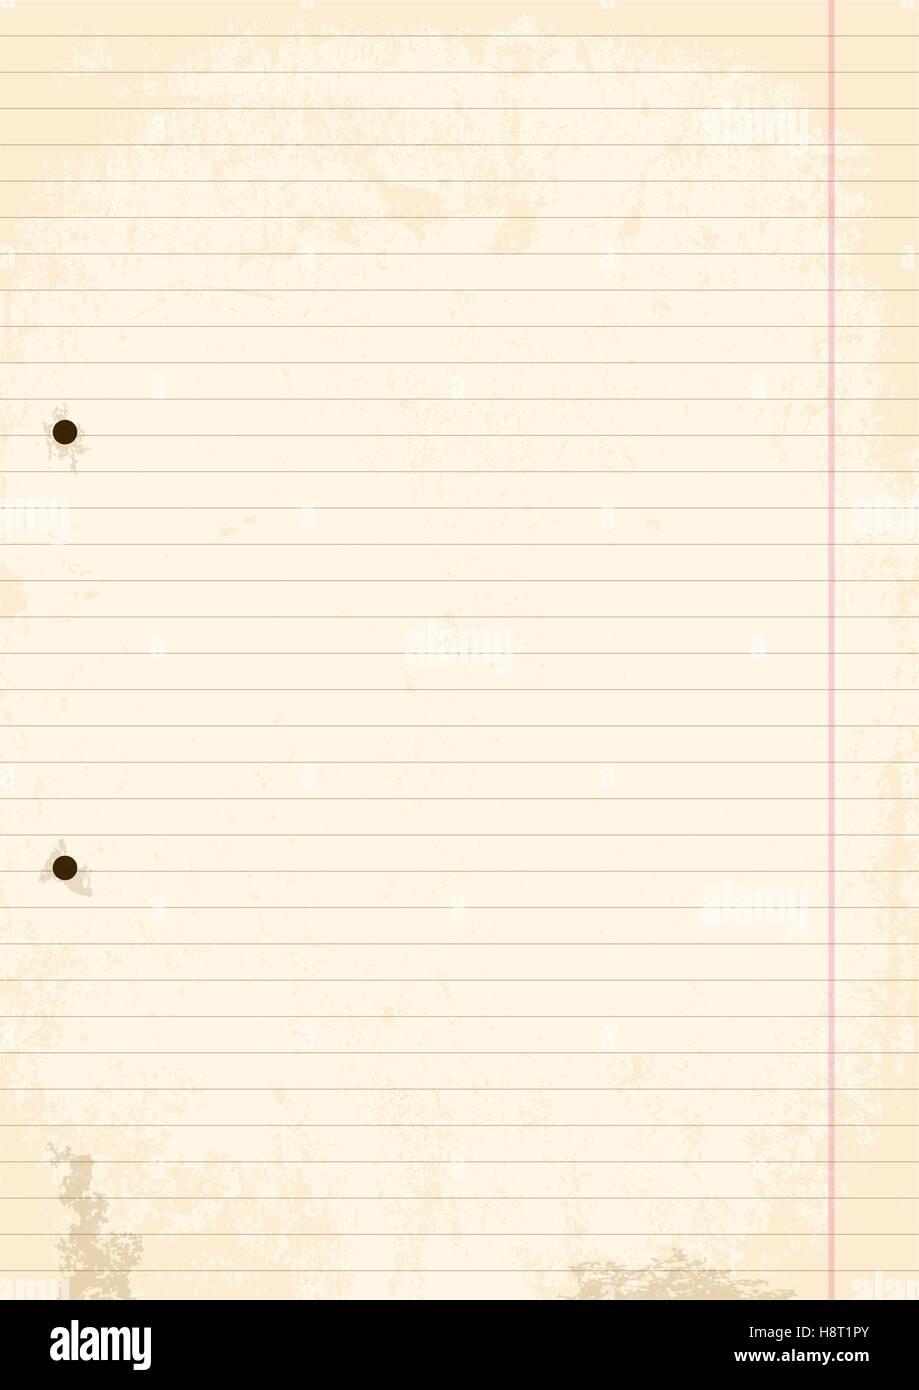 Vecteur, Illustration d'une feuille de papier en ligne4 avec des trous. Style Grunge et usé. Photo Stock